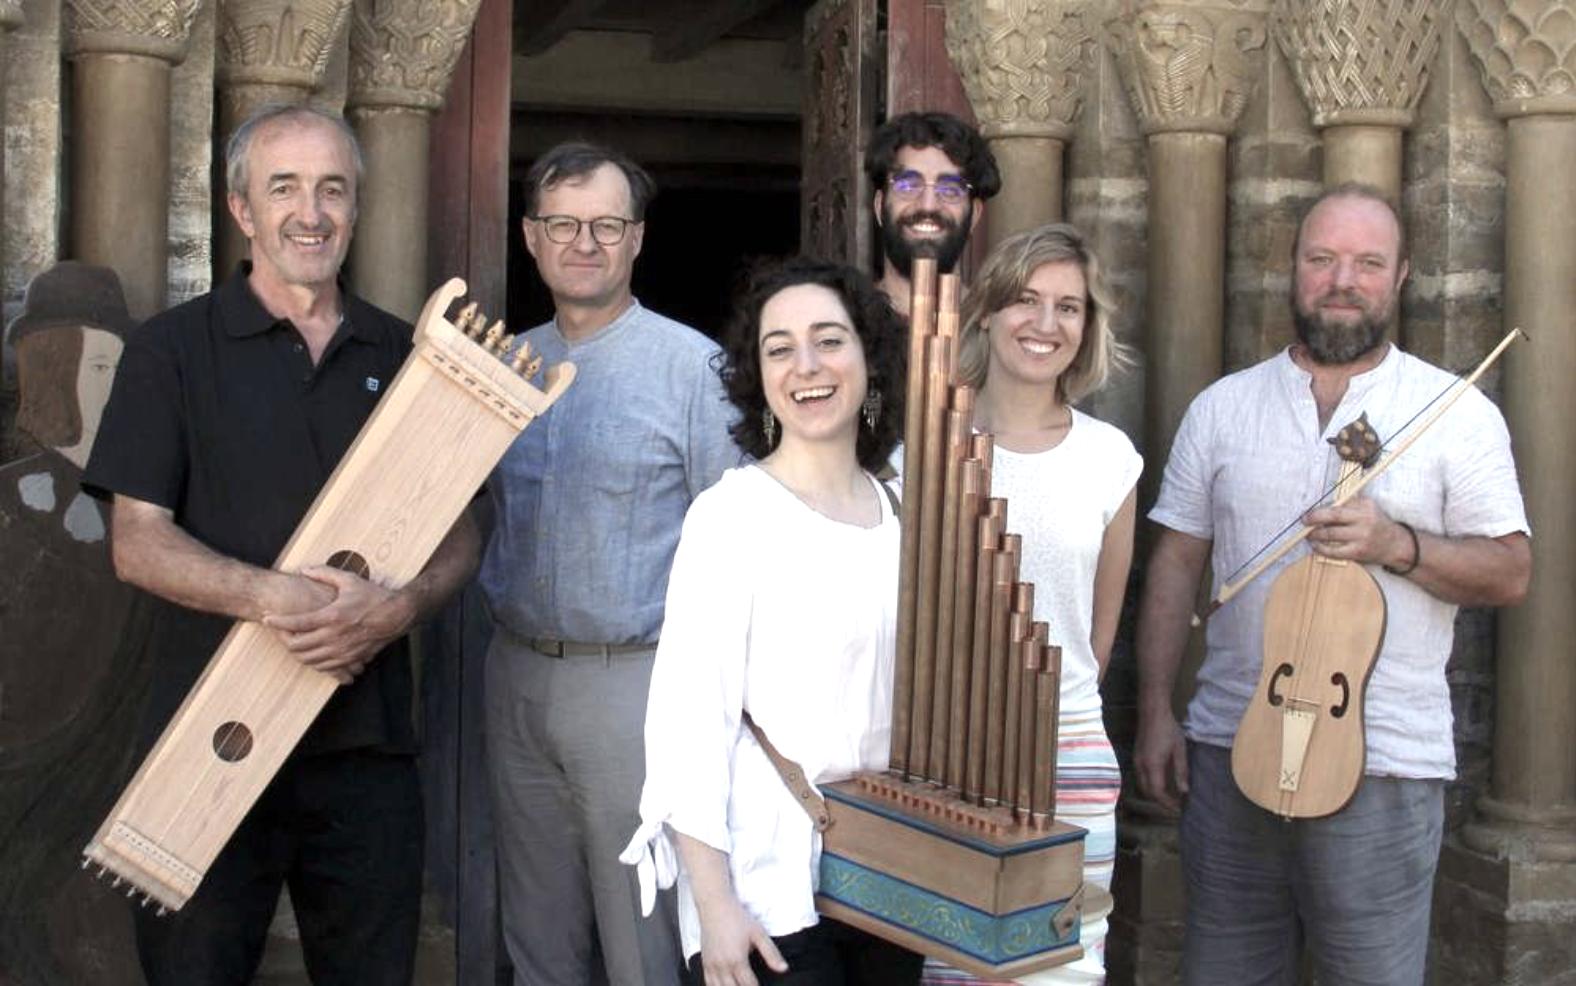 Concert Soule Cristina Alís Raurich Mixel Etxekopar